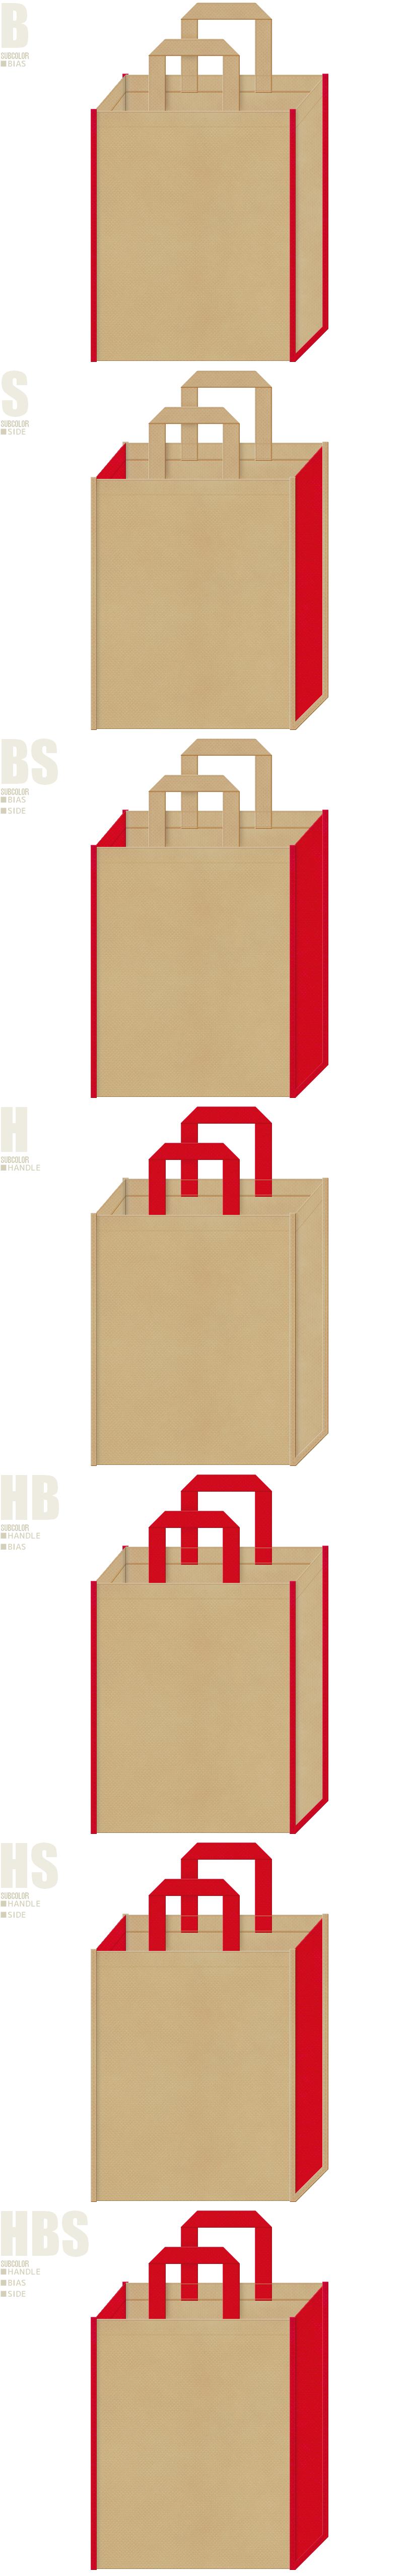 むかし話・赤鬼・節分・大豆・一合枡・野点傘・茶会・和風催事にお奨めの不織布バッグデザイン:カーキ色と紅色の配色7パターン。